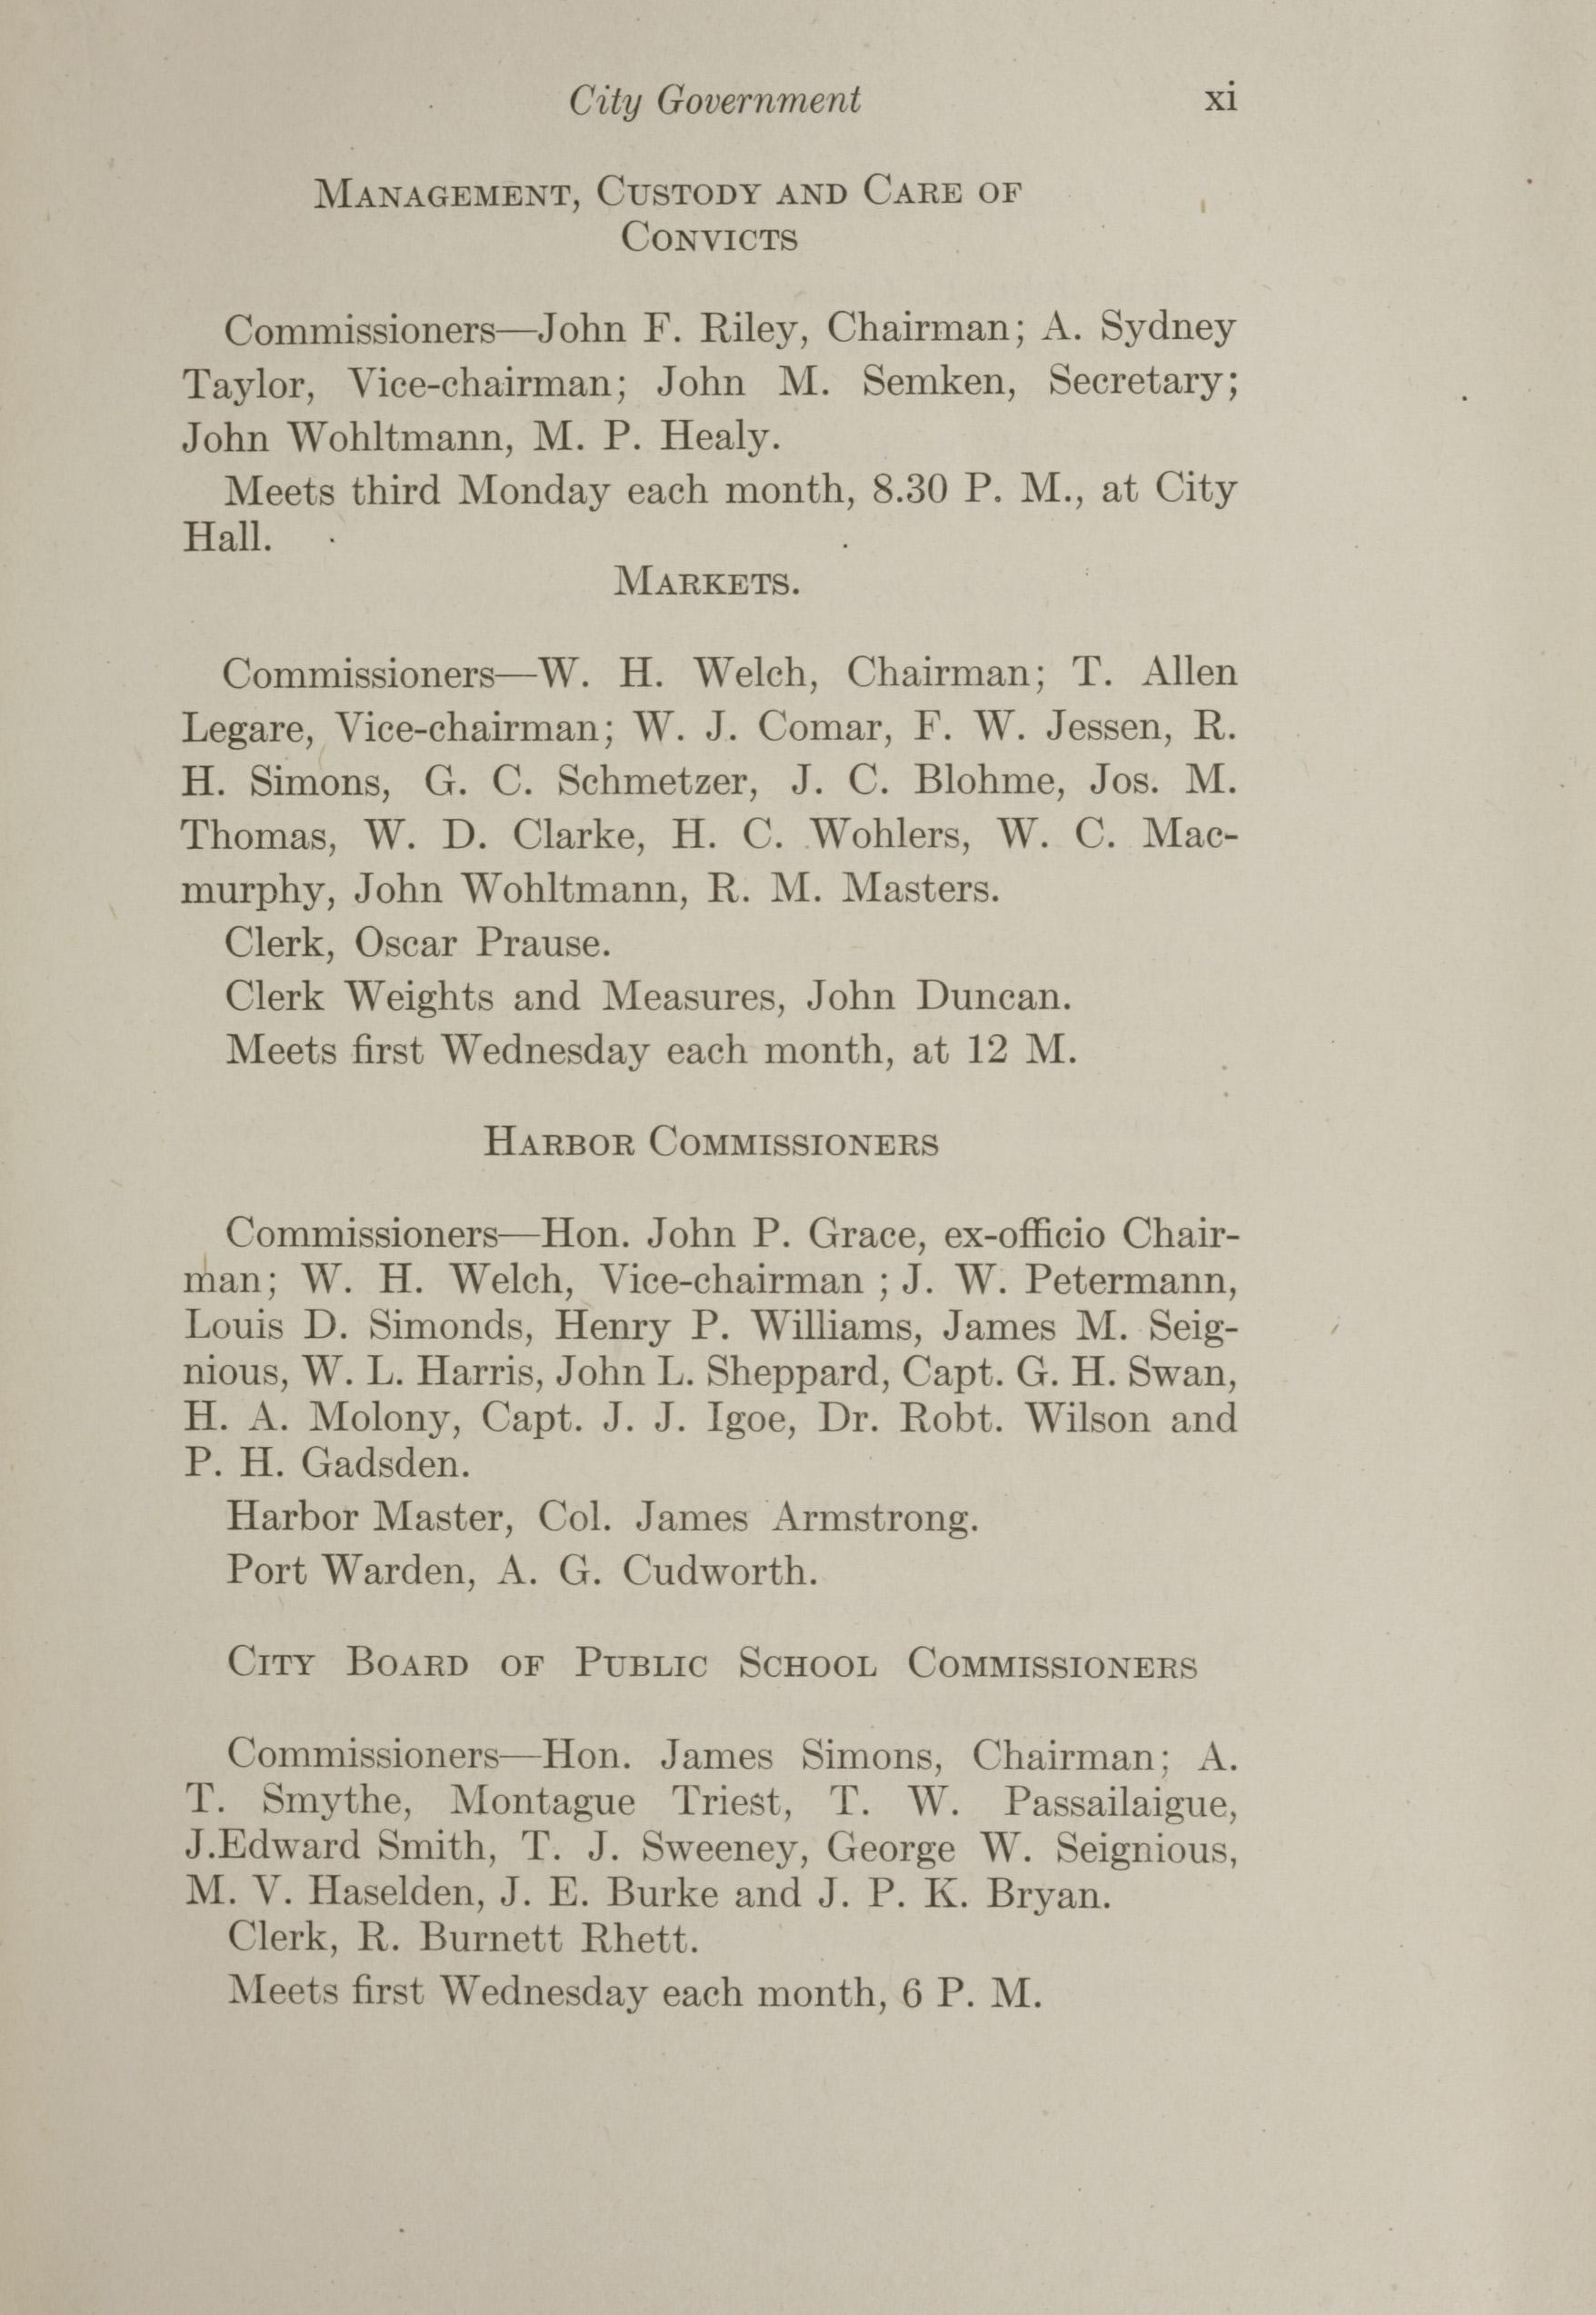 Charleston Yearbook, 1912, page xi